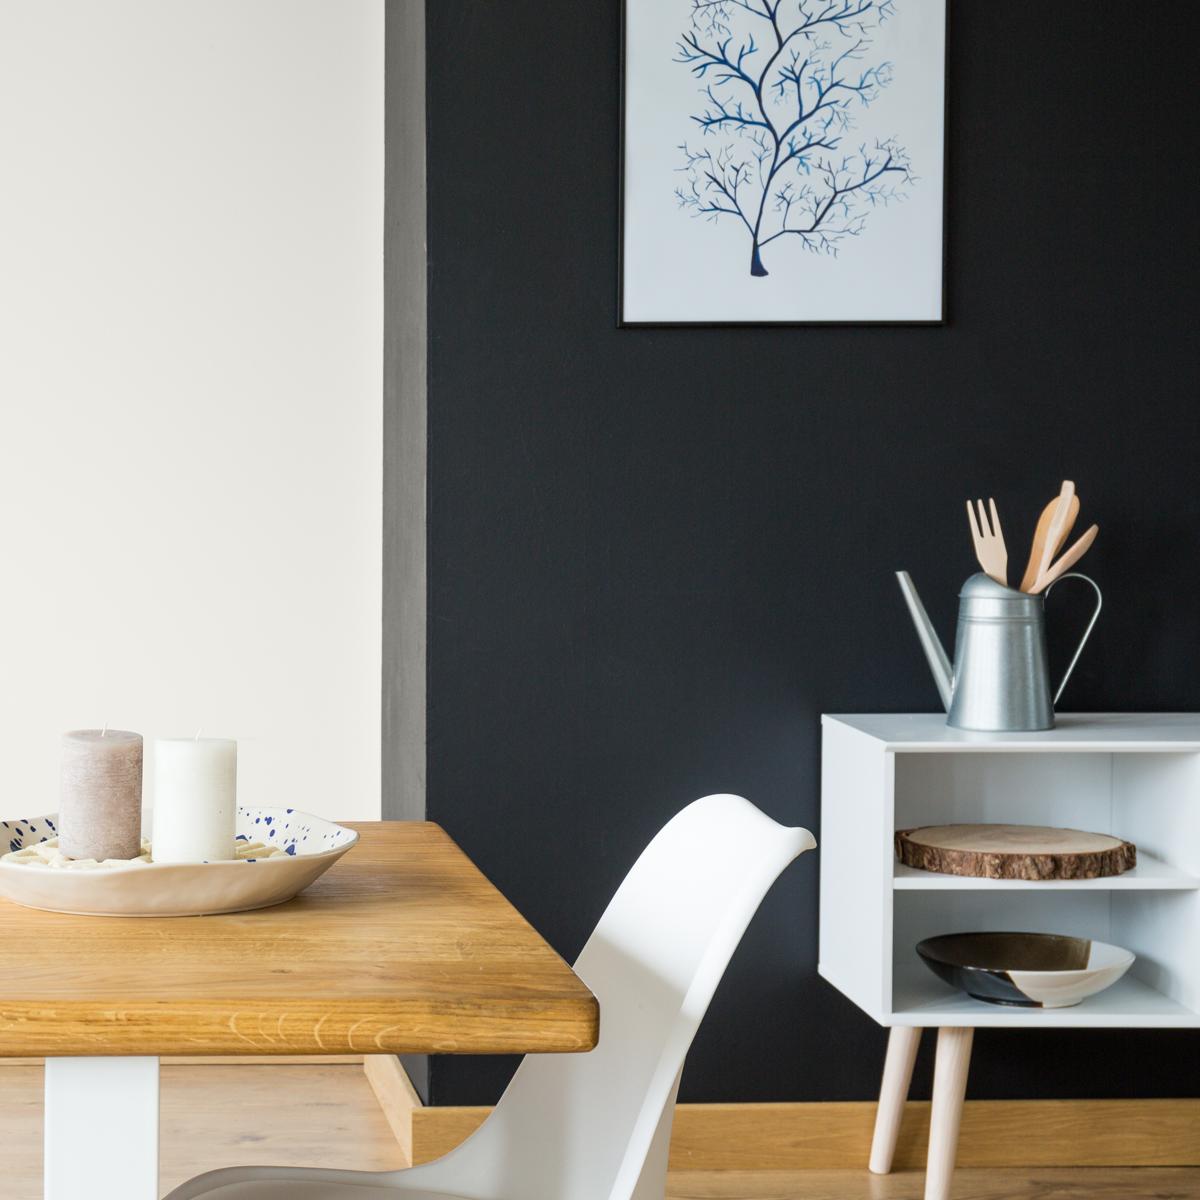 Gracia Gibt Einem Raum Ohne Ausdruck Einen Eleganten Charakter Bringt Dich Das In Versuchung Schoner Wohnen Farbe Schoner Wohnen Wohnen